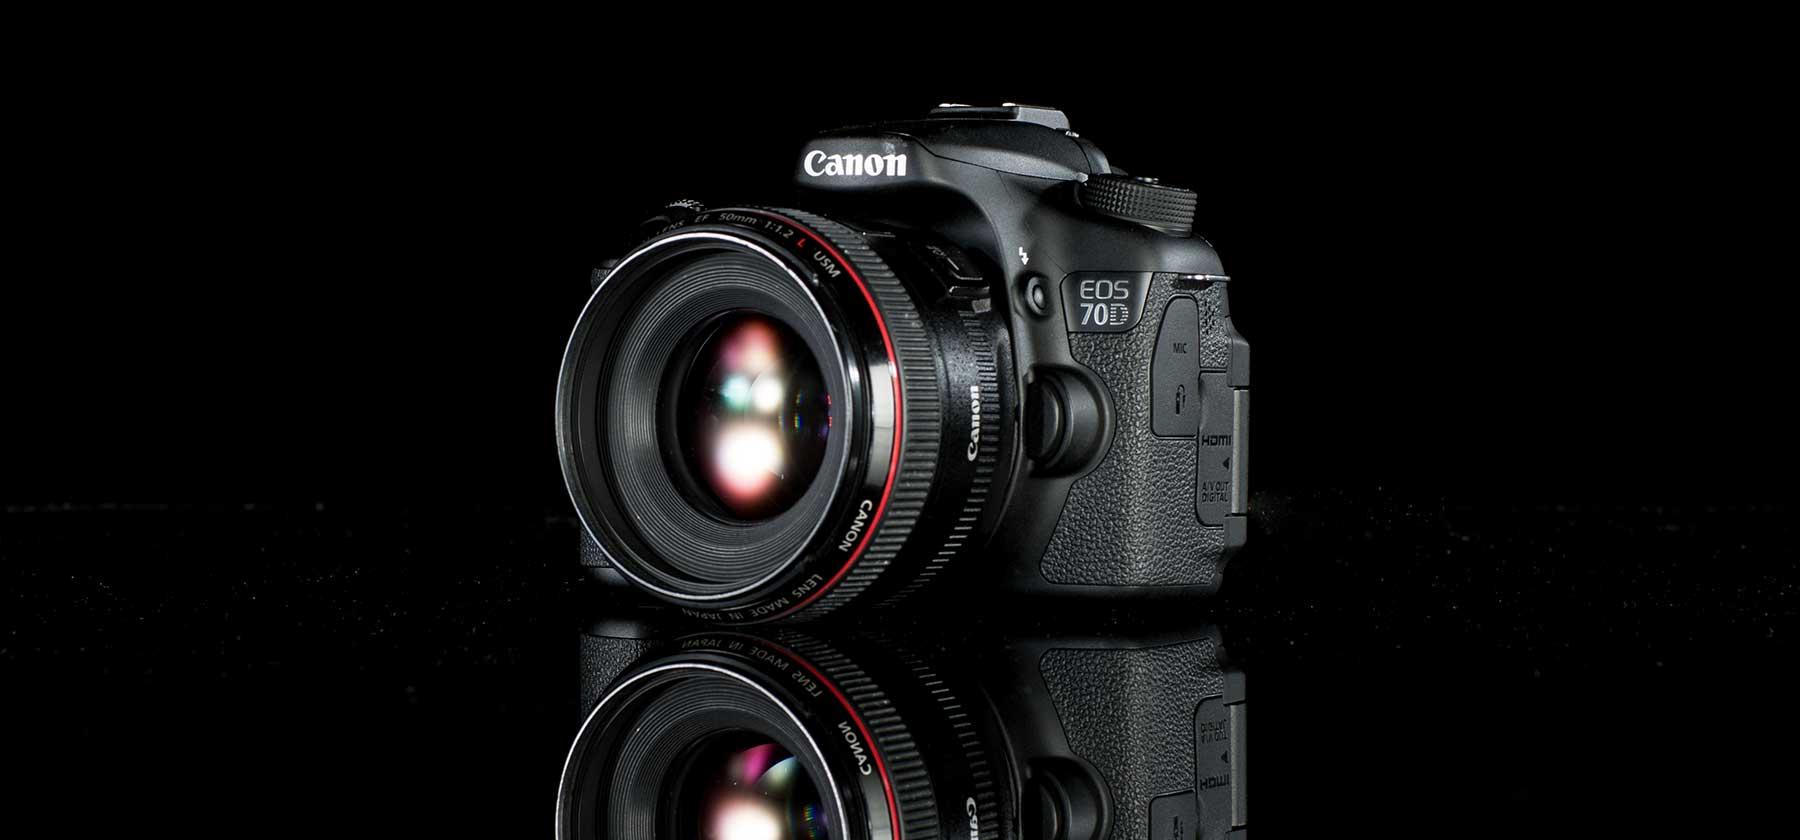 09_Canon_70D